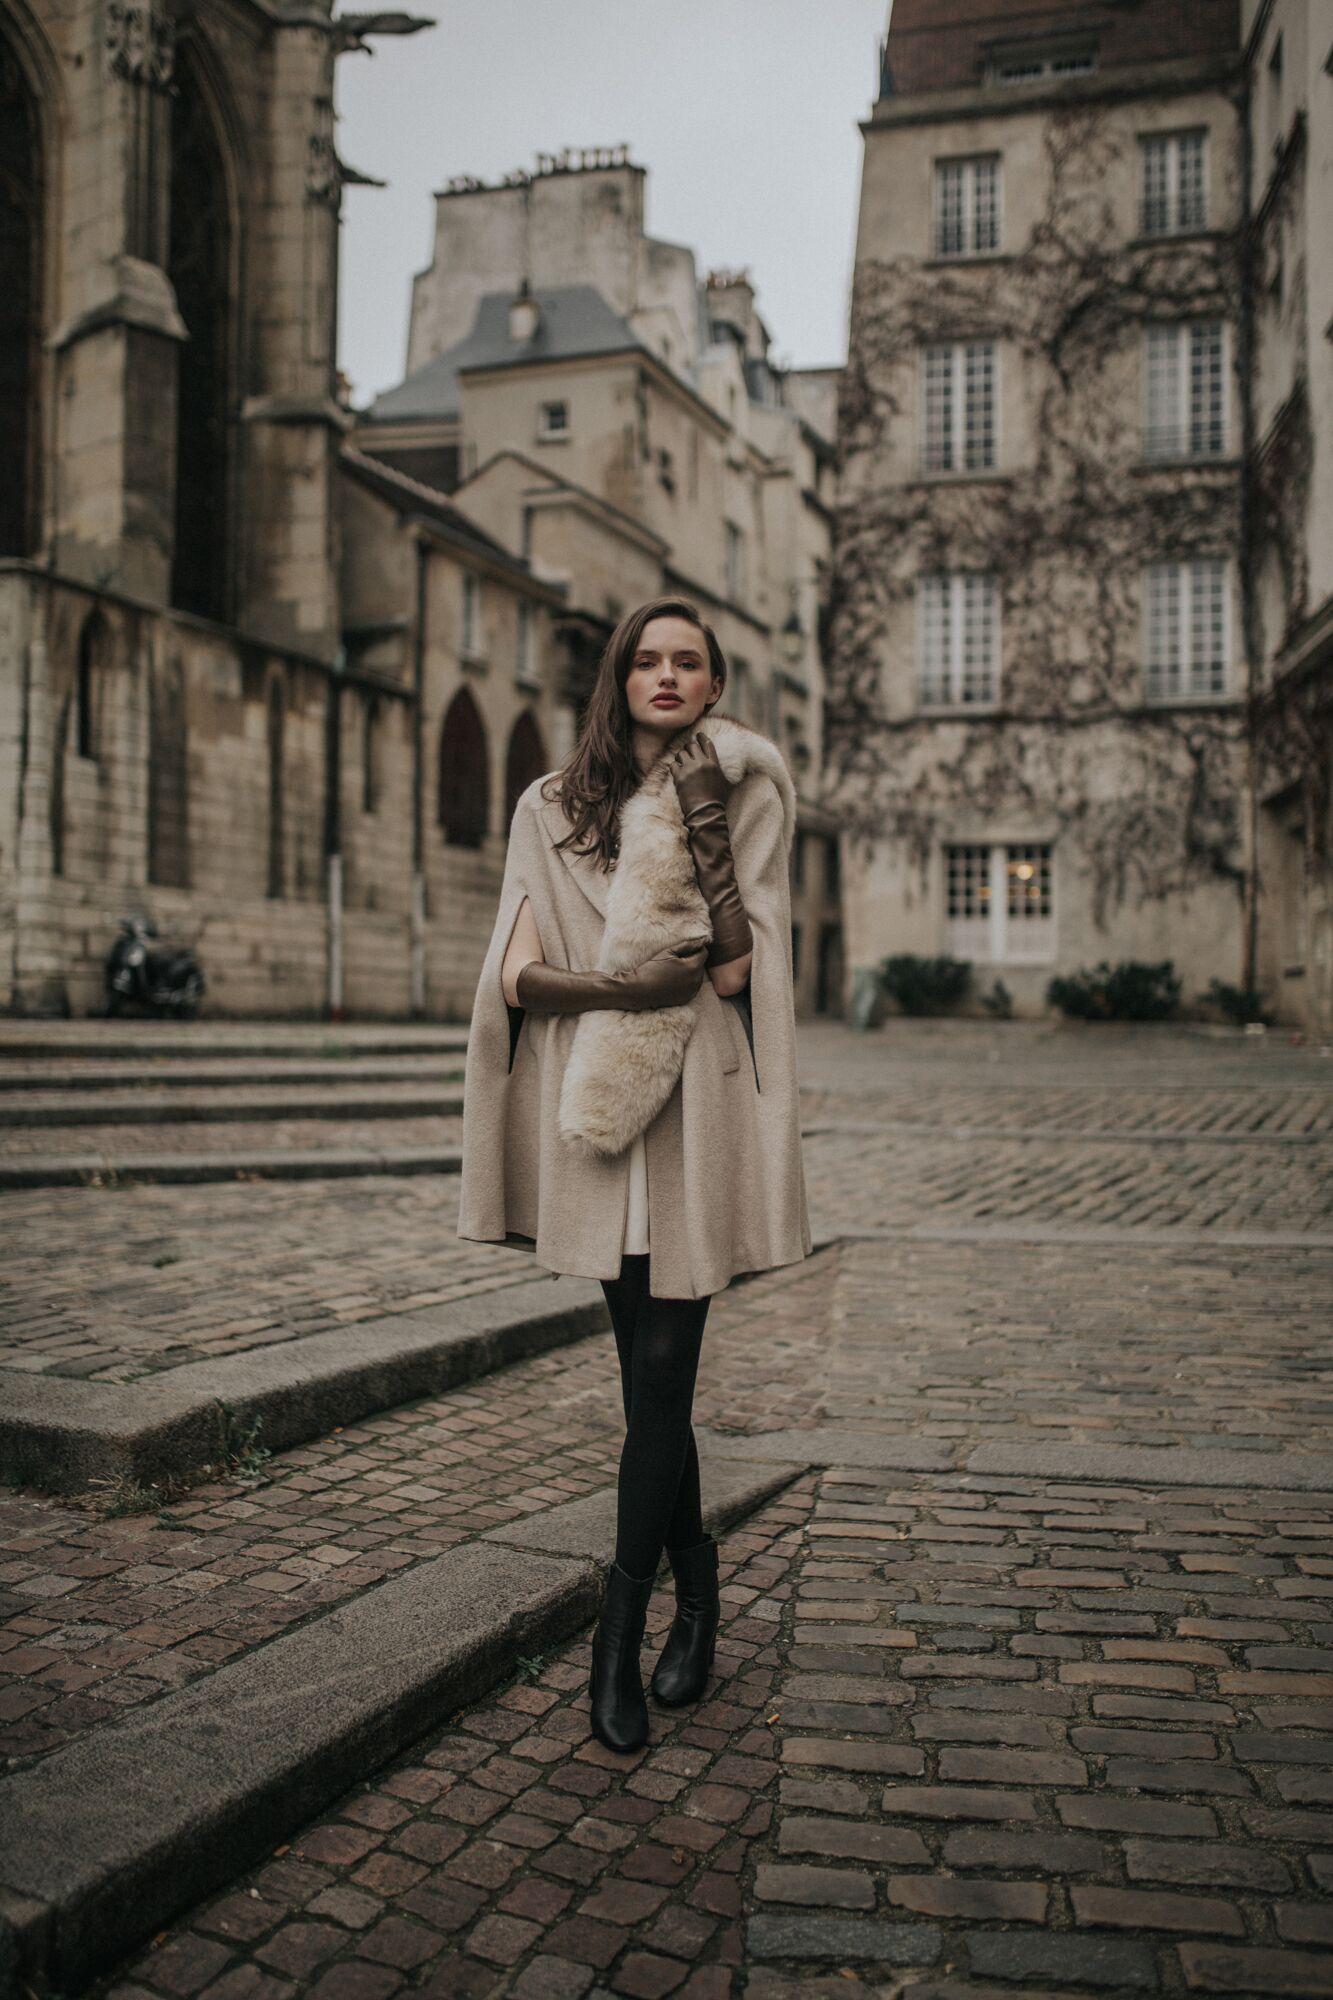 Maria_Traynor_Paris2017_12_01_062319-_CMB_preview.jpeg